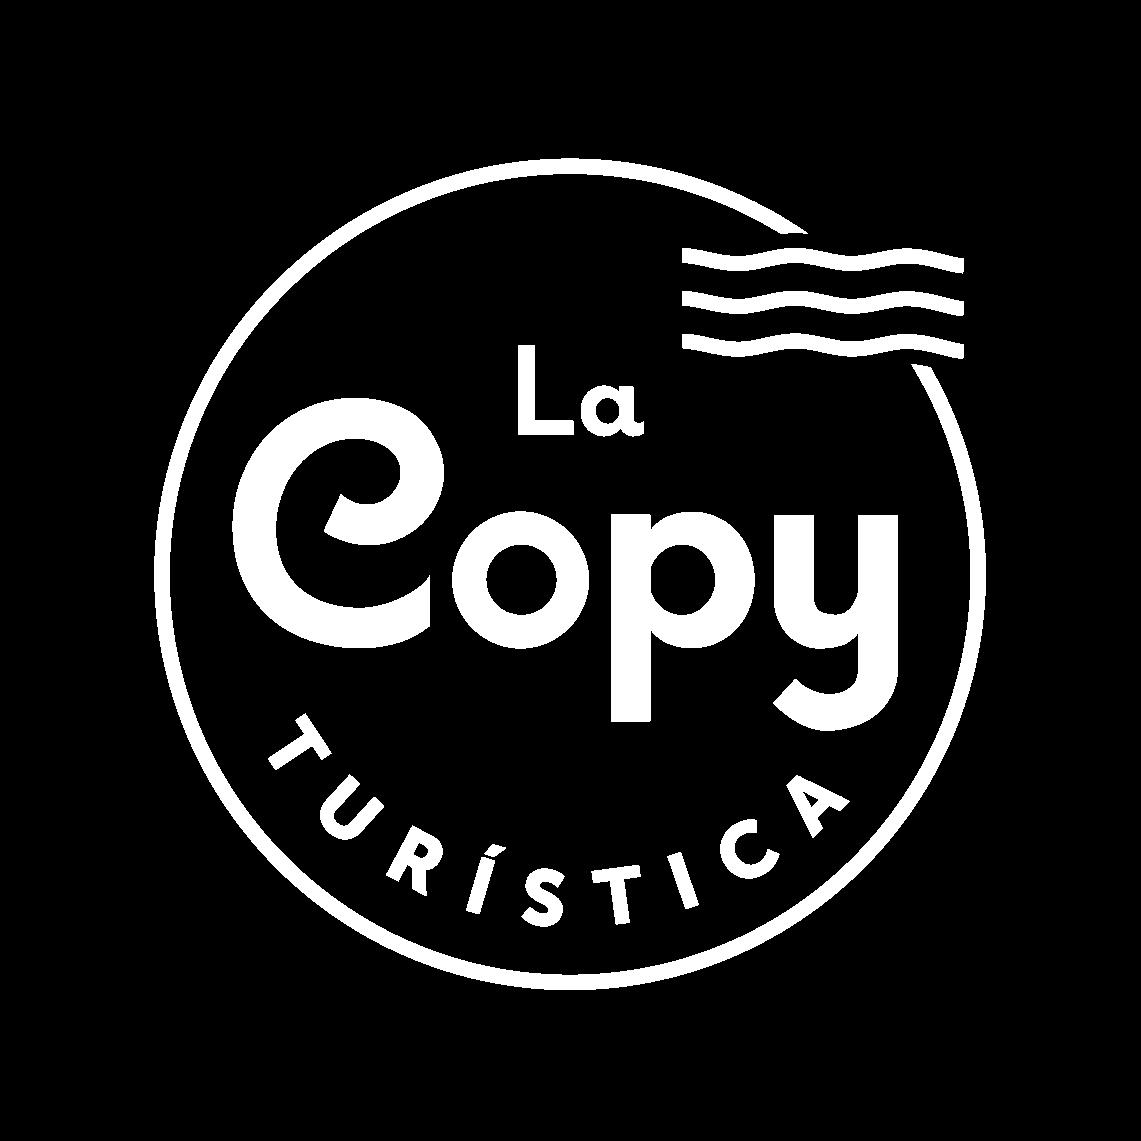 La Copy Turística - logo negativo